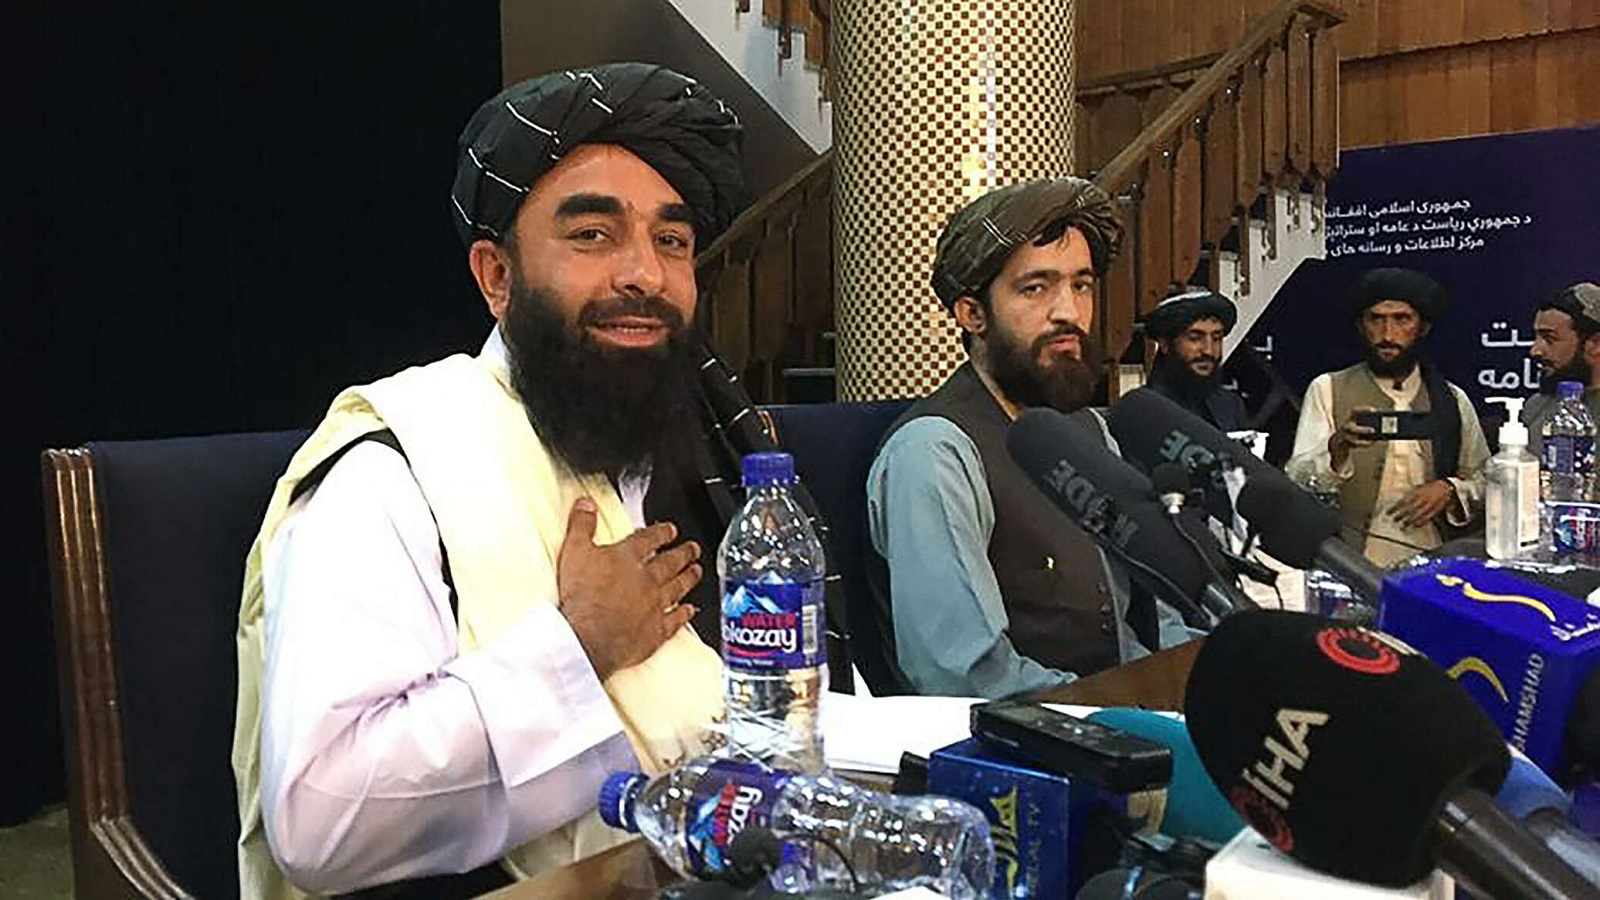 阿富汗塔利班举行首次记者会,外交部对此发表评论!插图2-小狮座俄罗斯留学